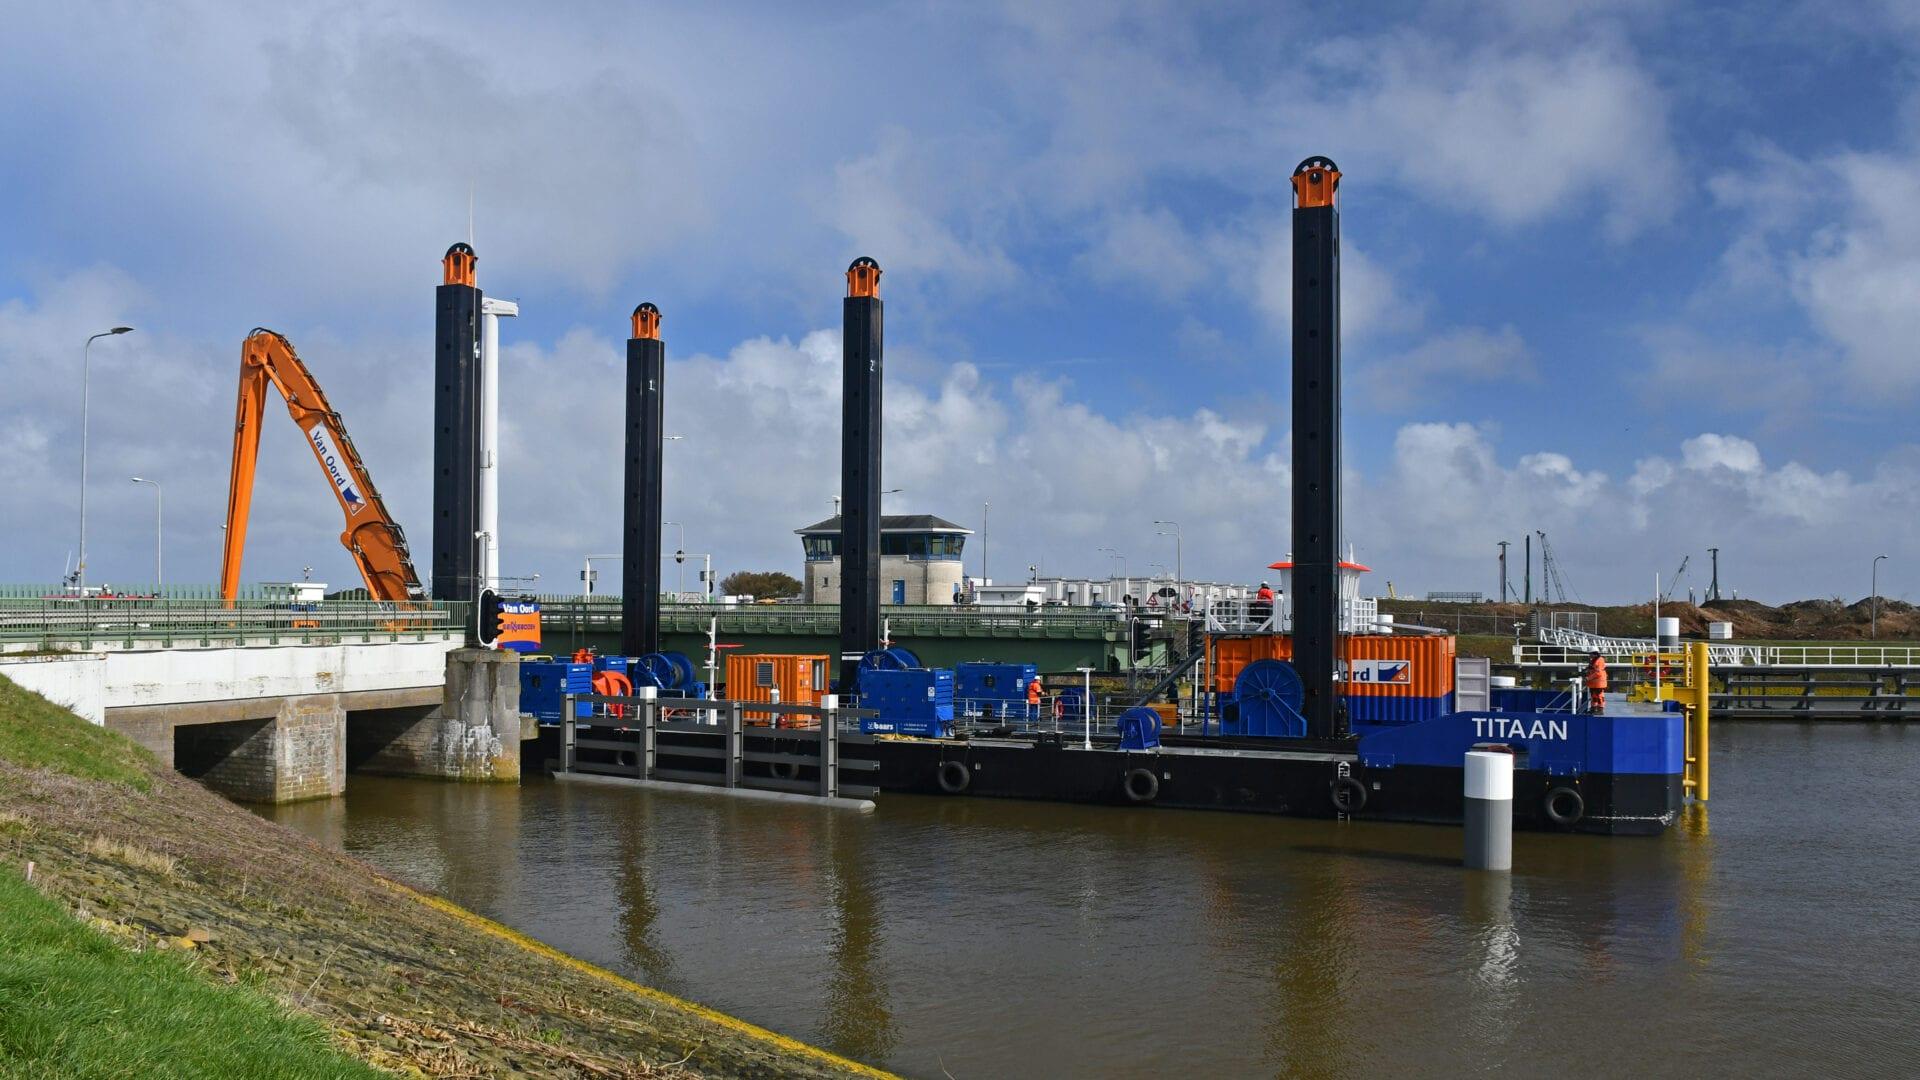 Wij kijken over het water bij de Afsluitdijk. Op de achtergrond zie je een grote boot met een aantal zwarte palen varen. Hij brengt Levvel-blocs van de Waddenzeekant met een schip naar de andere kant. Aan de achterkant van het schip staat een oranje graafmachine.